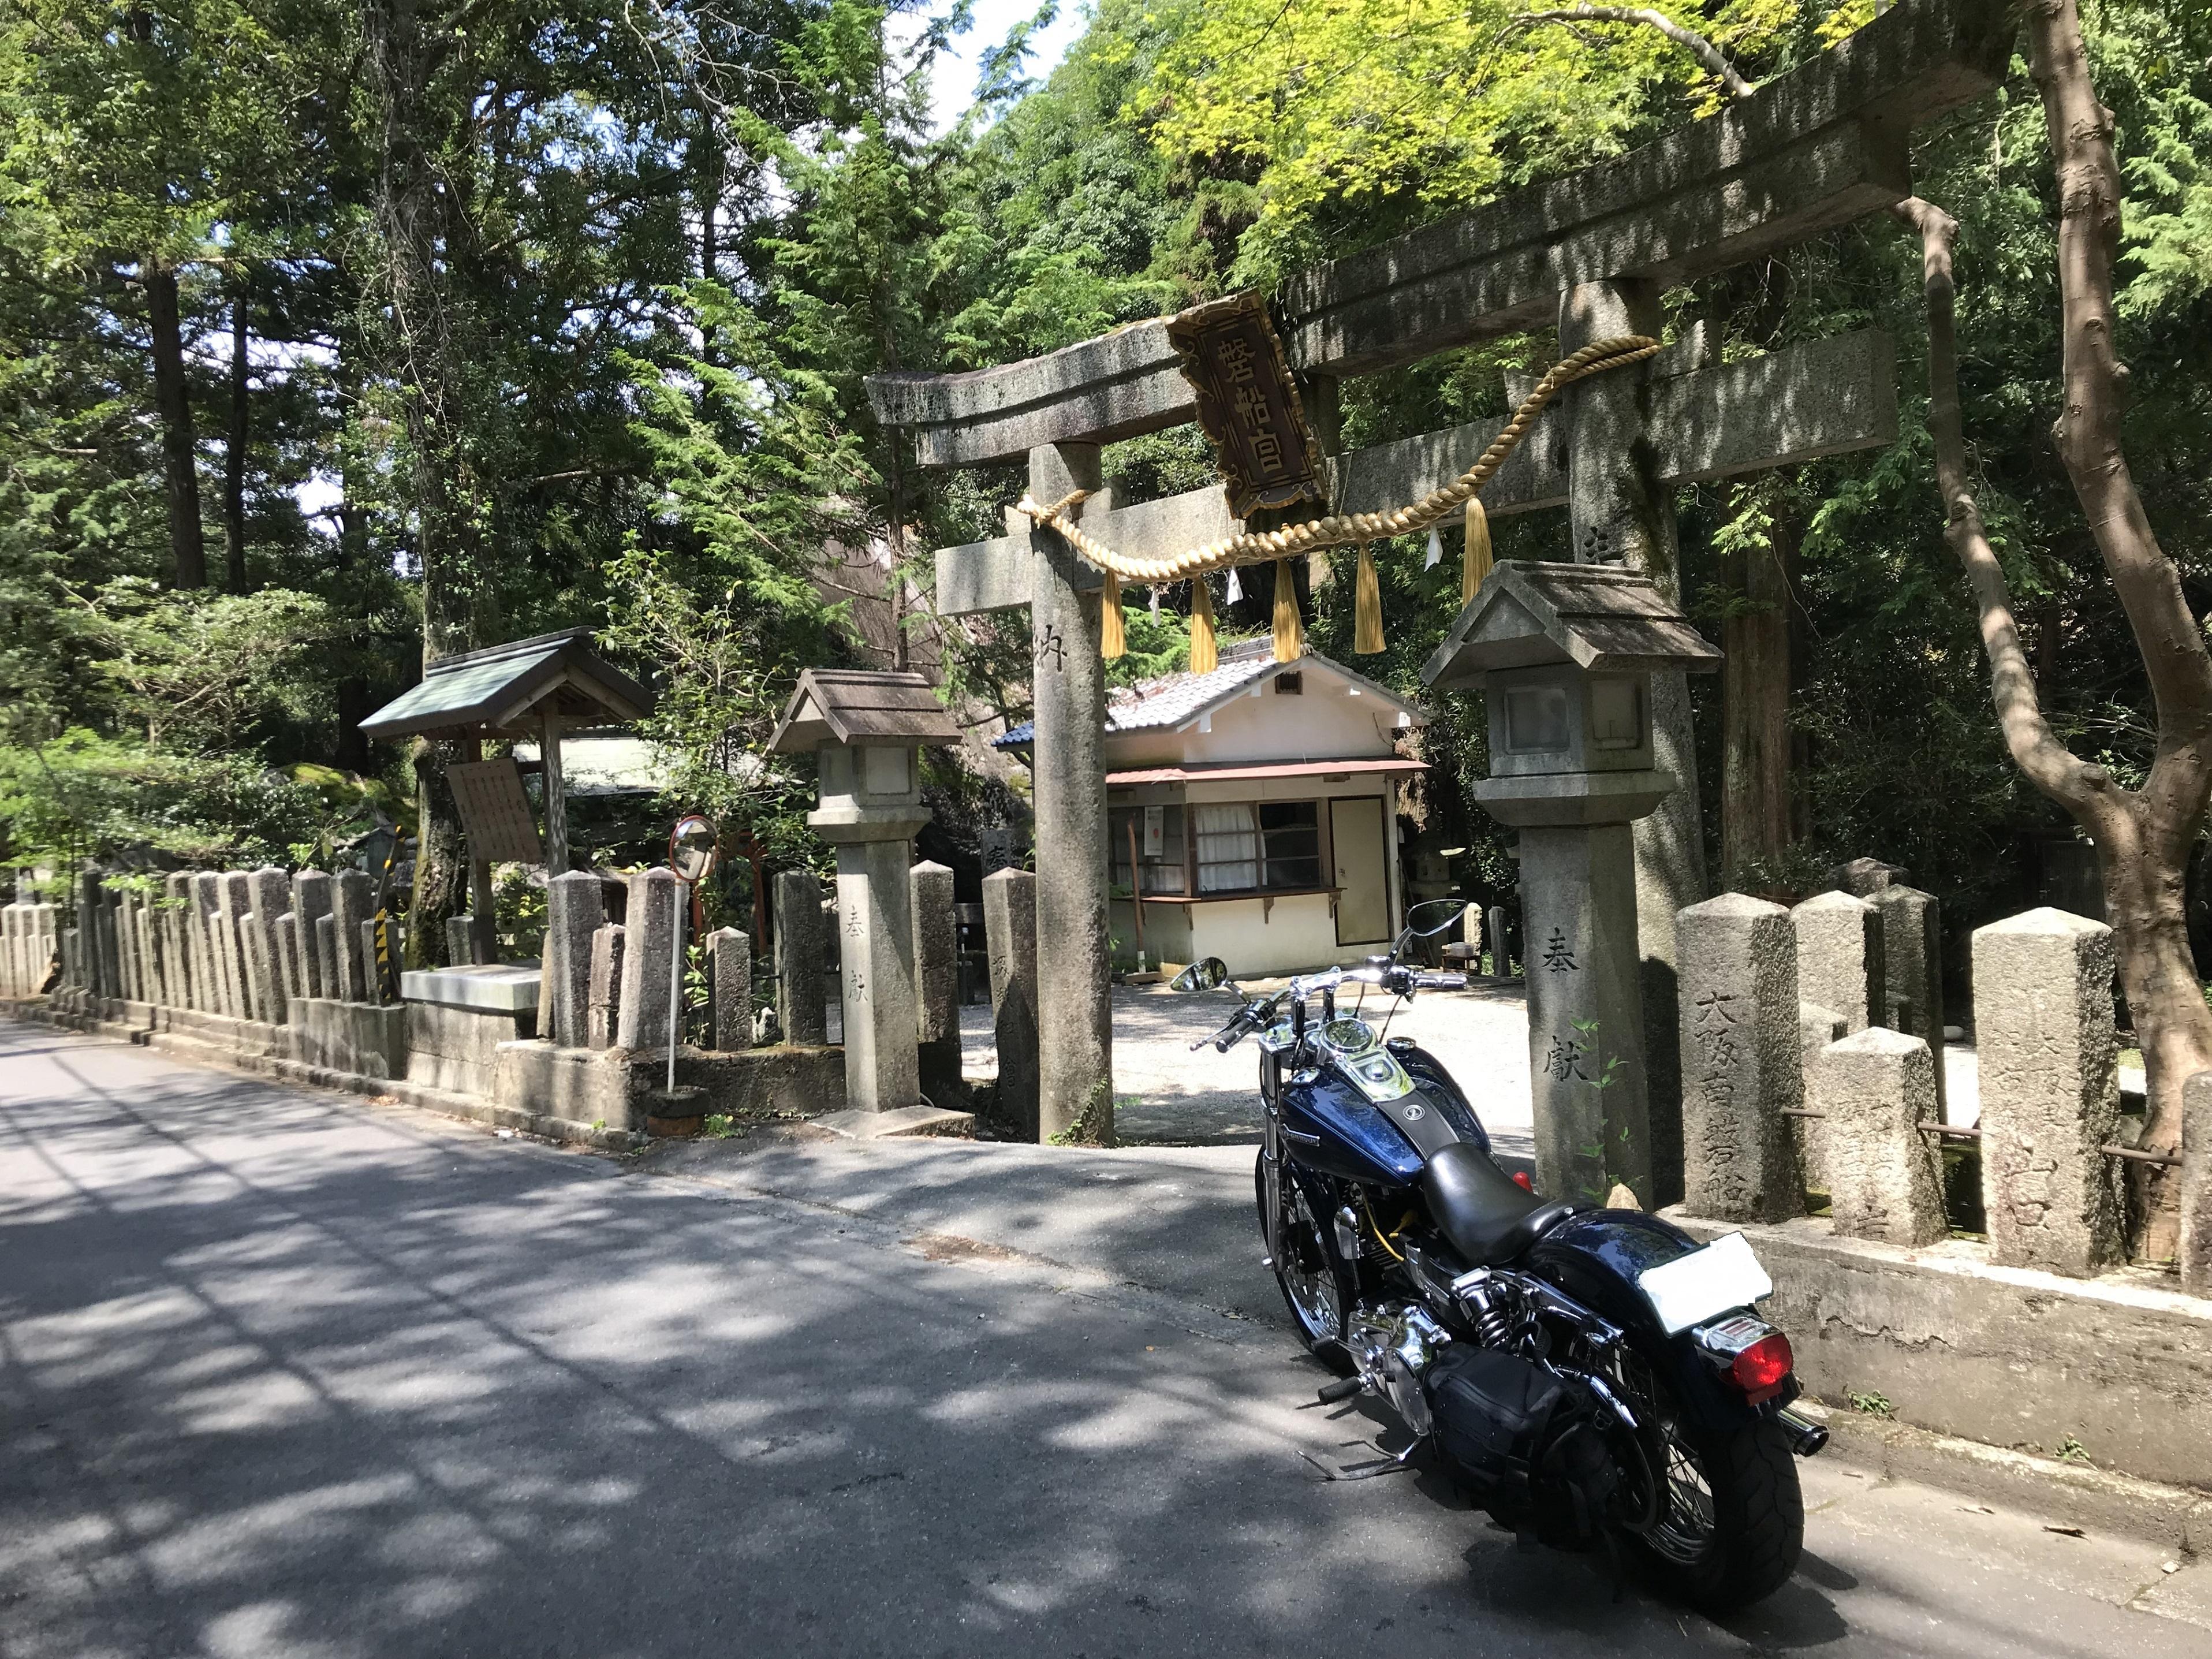 ハーレー 磐船街道 名物カレーを食べる 磐船神社